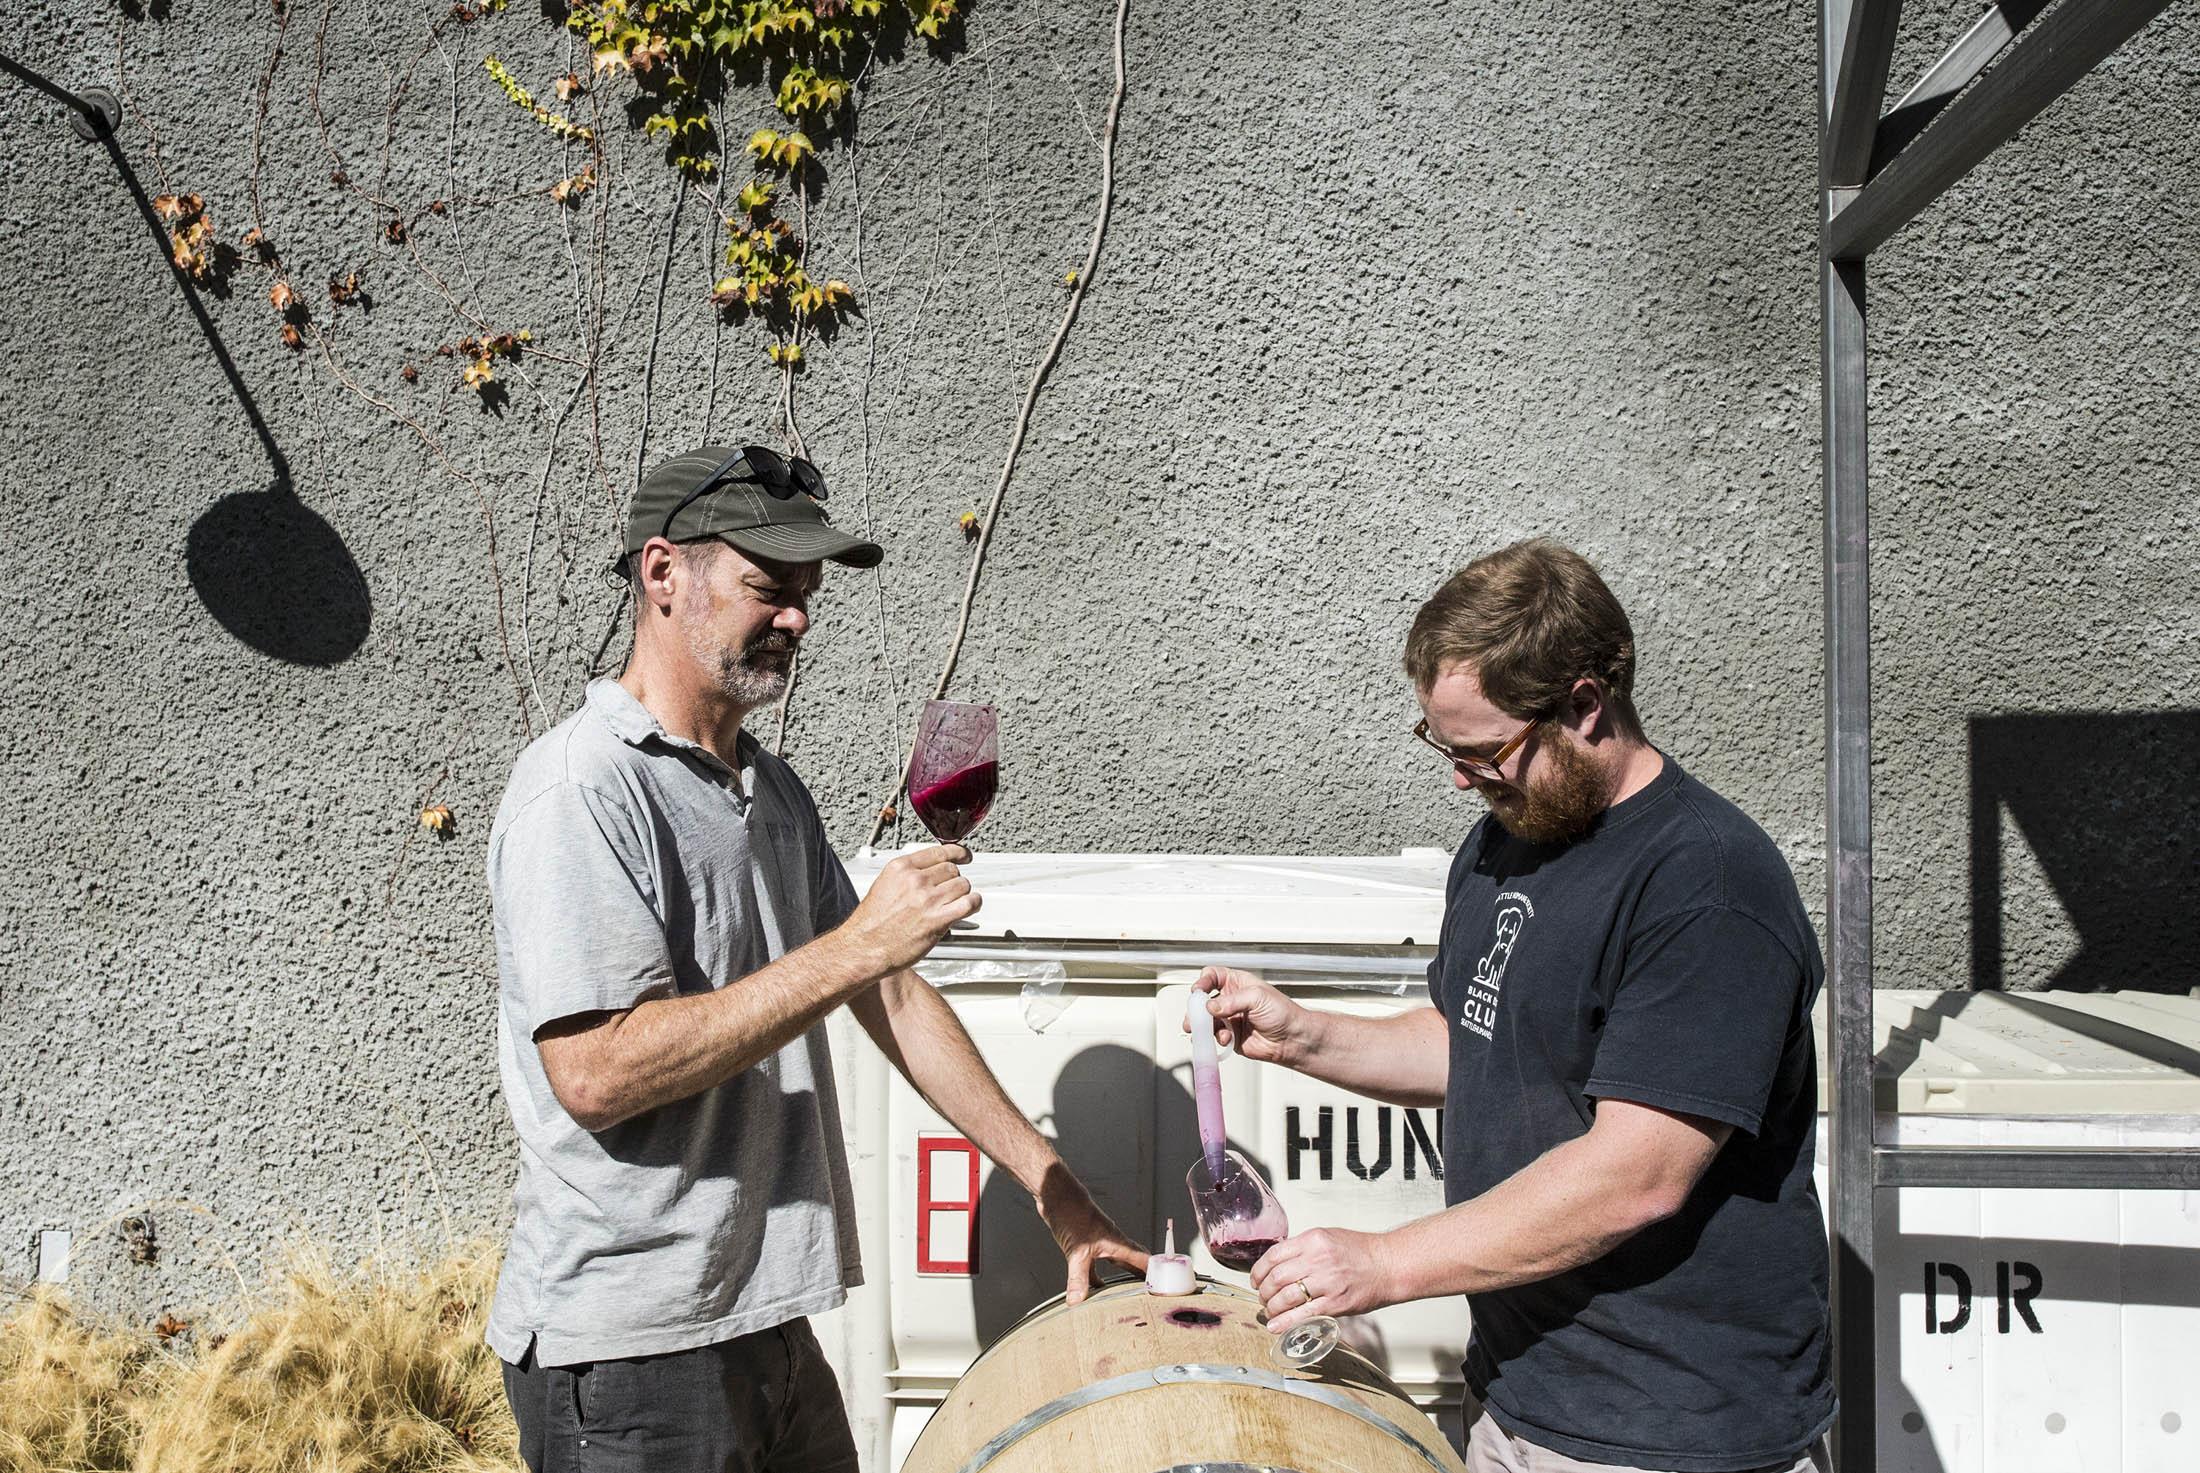 4 p.m. —Hunnicutt Custom Crush Winery